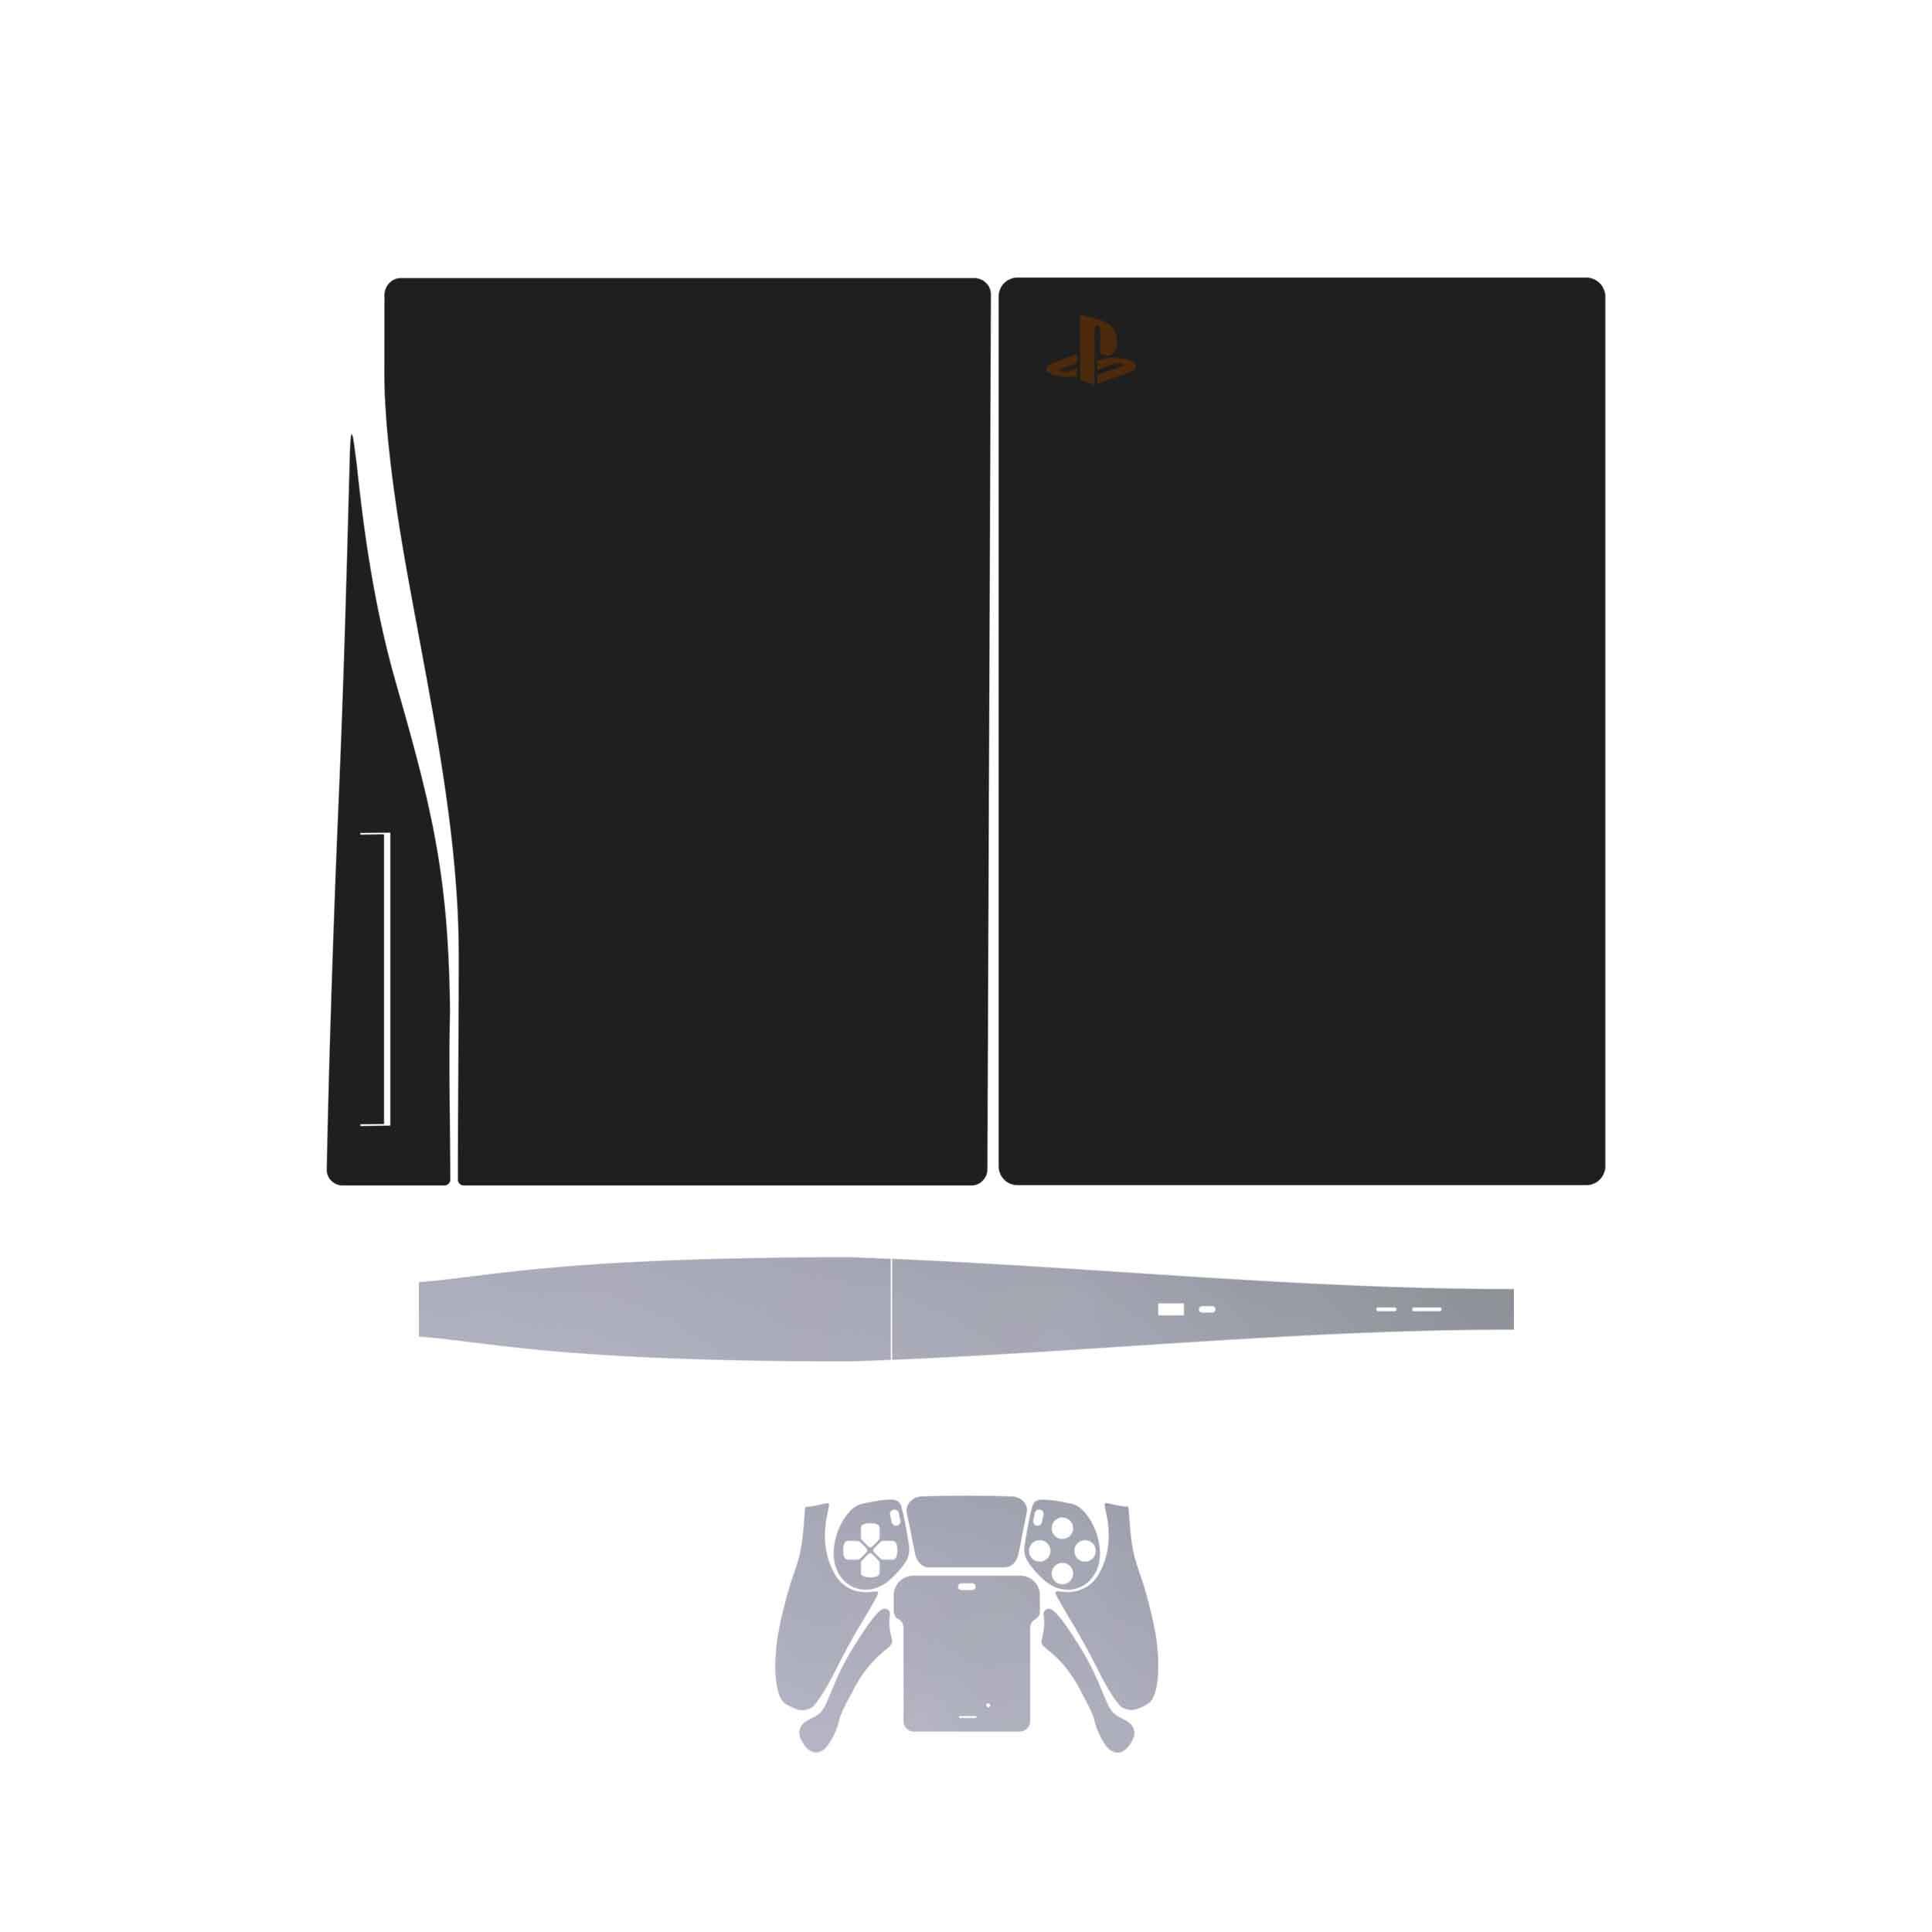 بررسی و {خرید با تخفیف}                                     برچسبکنسول و دستهبازی PS5ماهوت مدل  MatteBlackMatteSilver                             اصل